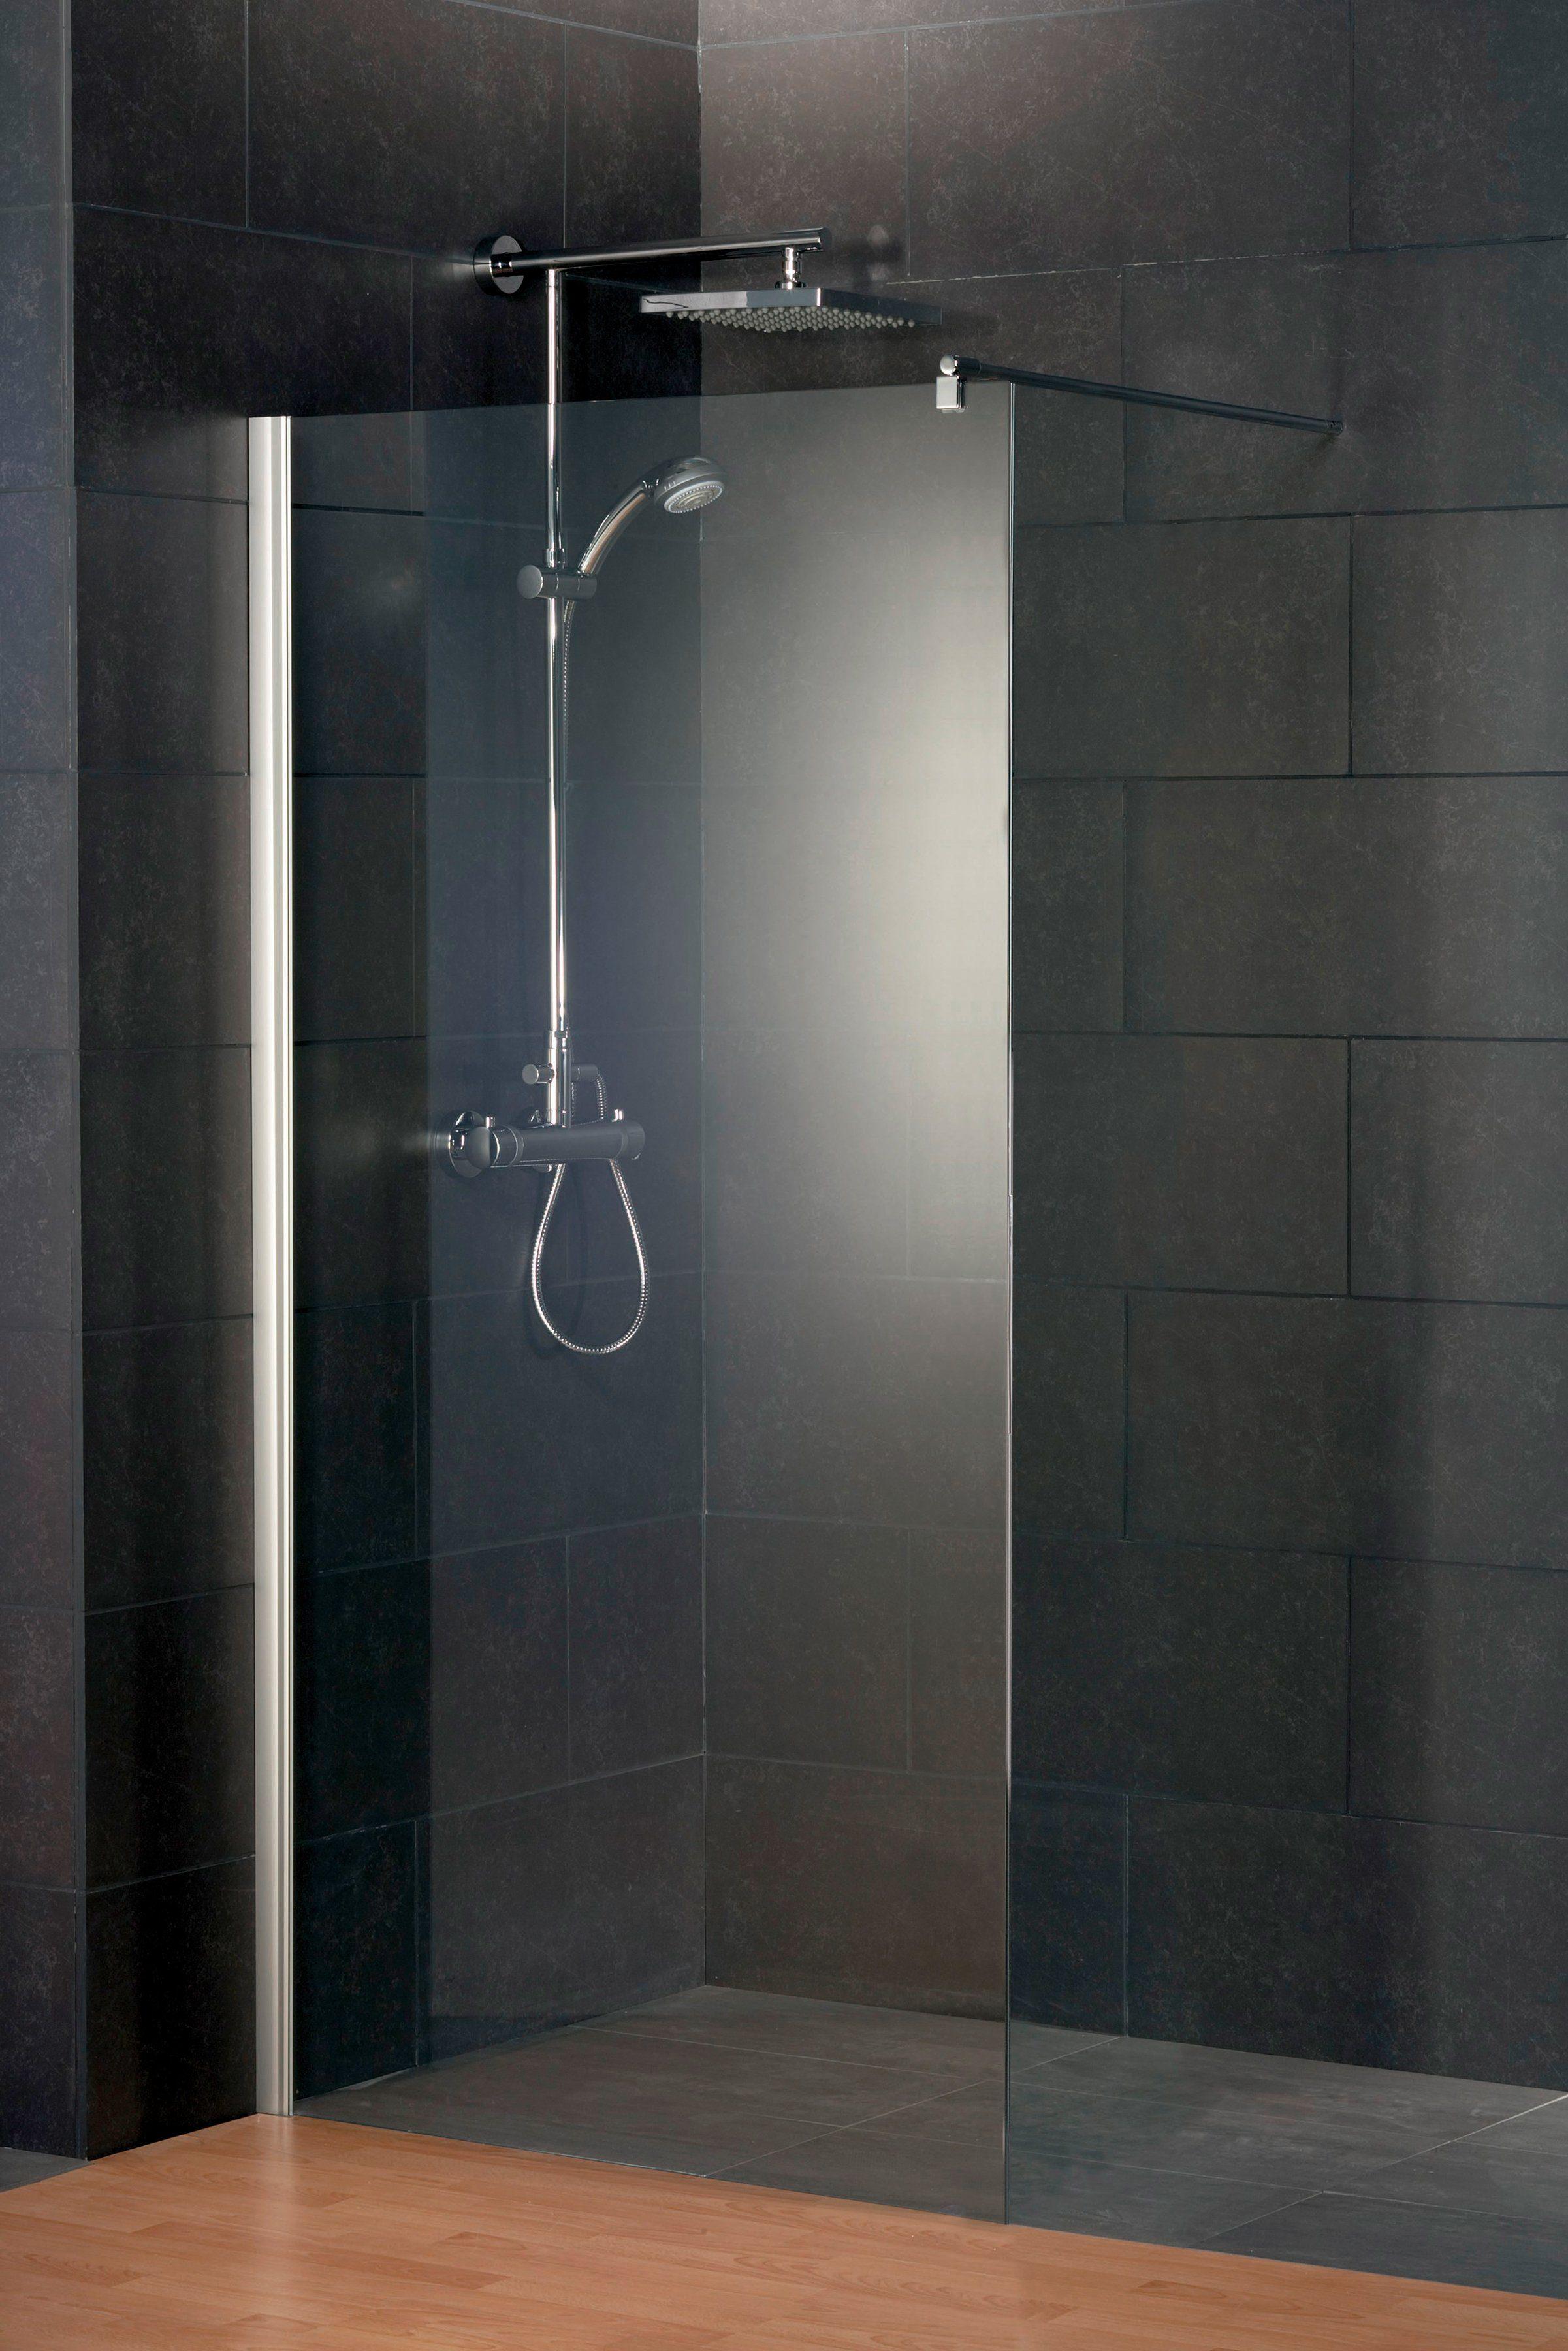 Neu Duschkabine kaufen » komplette Kabine & Komplettdusche | OTTO QC36